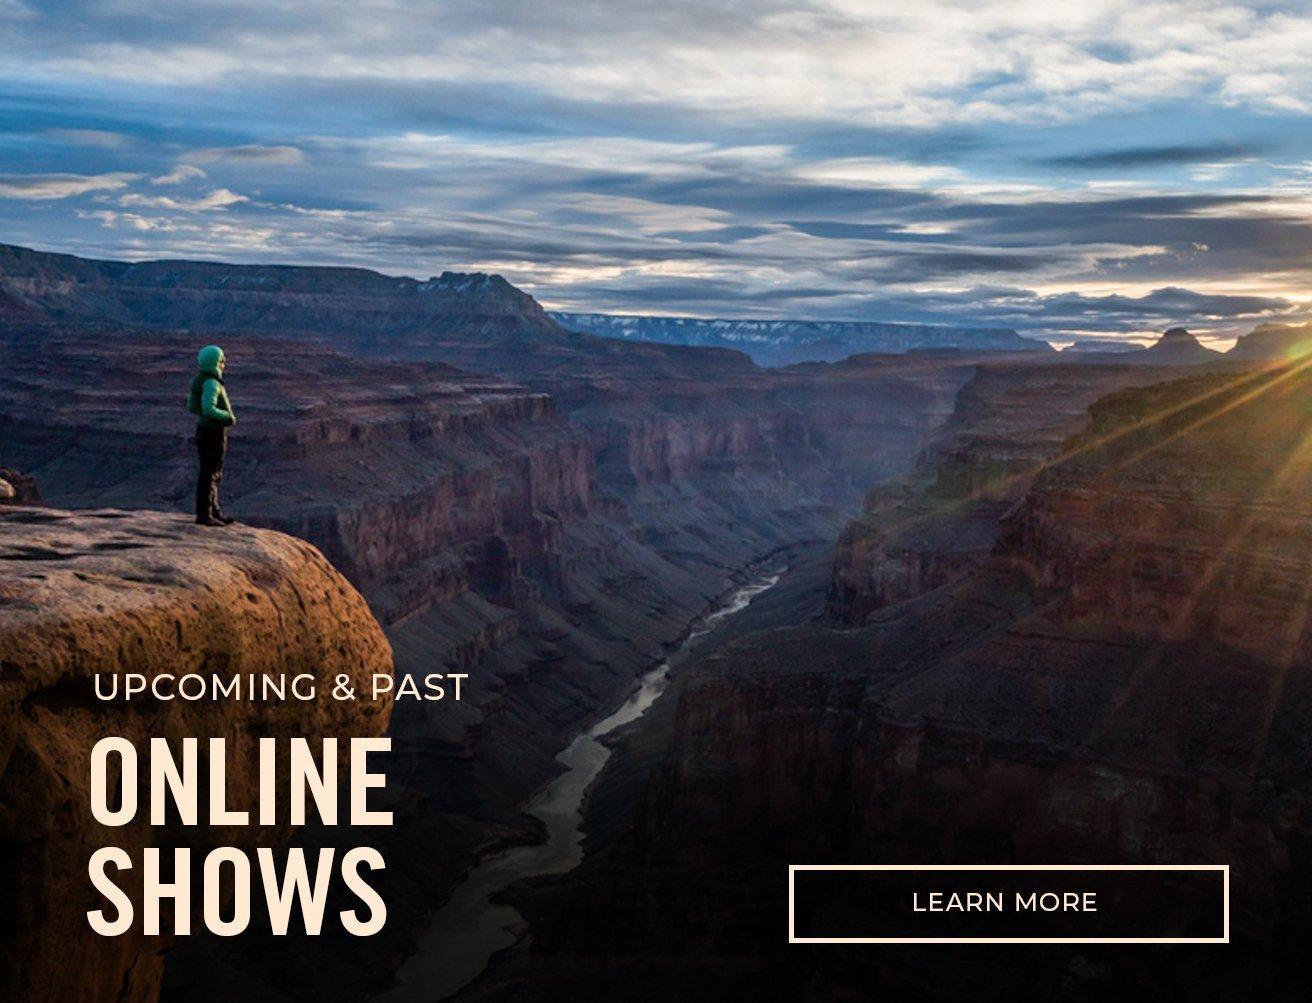 vimff online show archive cta